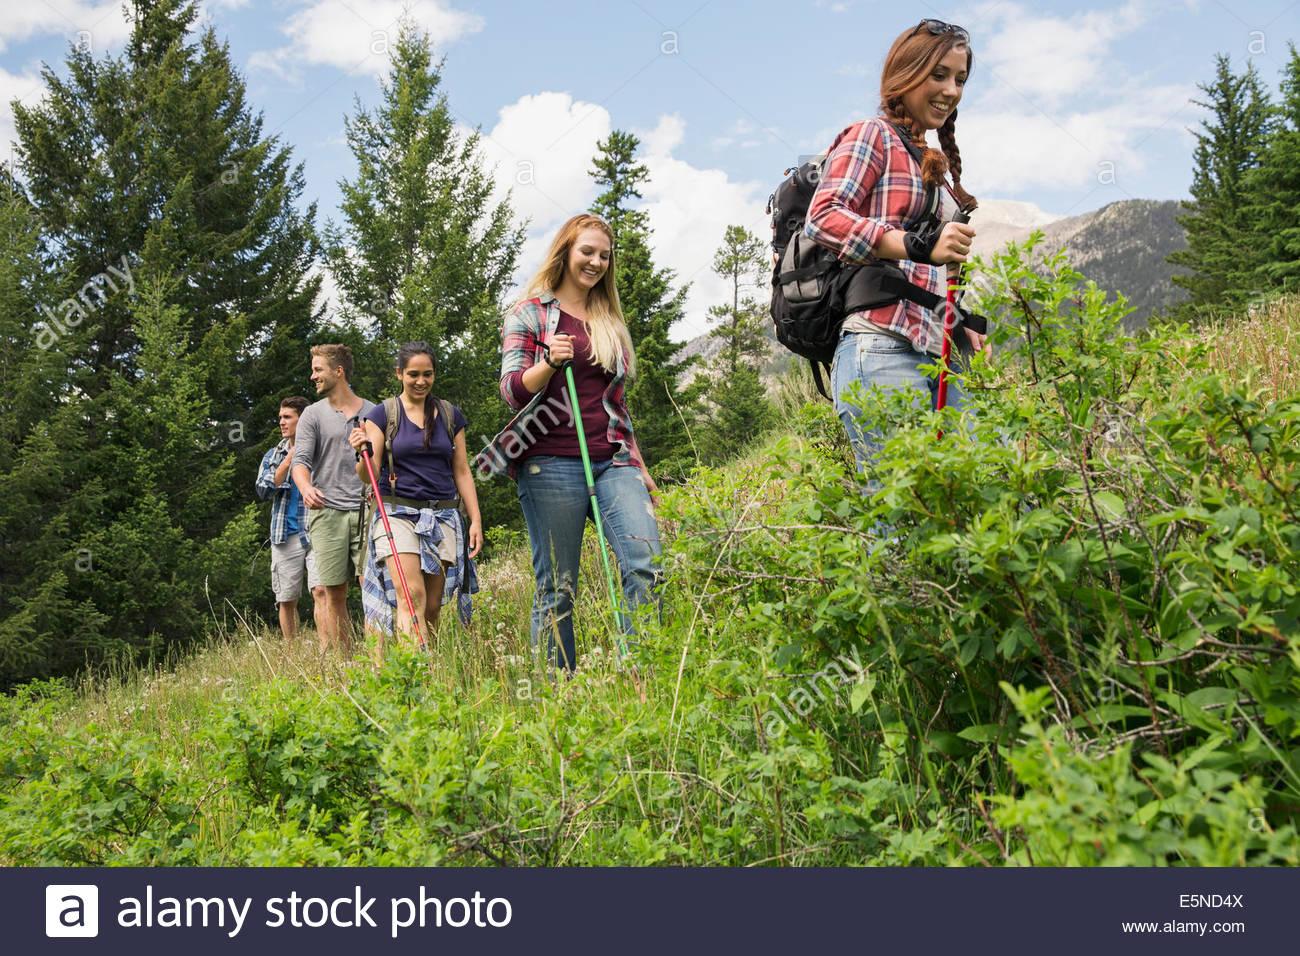 Les amis de la randonnée sur le sentier Photo Stock